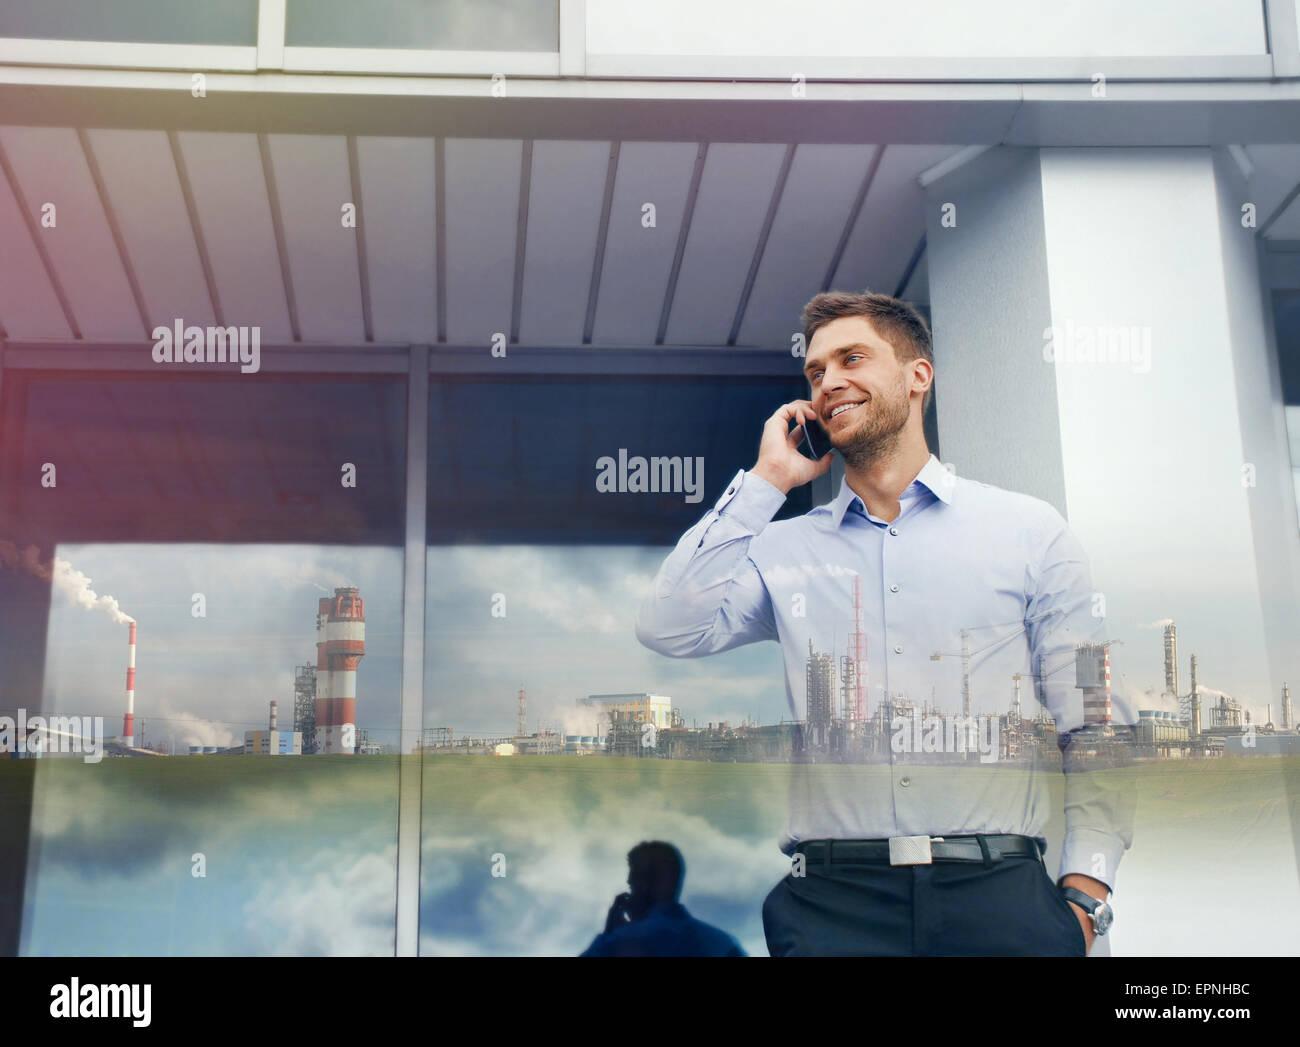 Doble exposición de empresario con dispositivo de teléfono empresa industrial y en la construcción Imagen De Stock